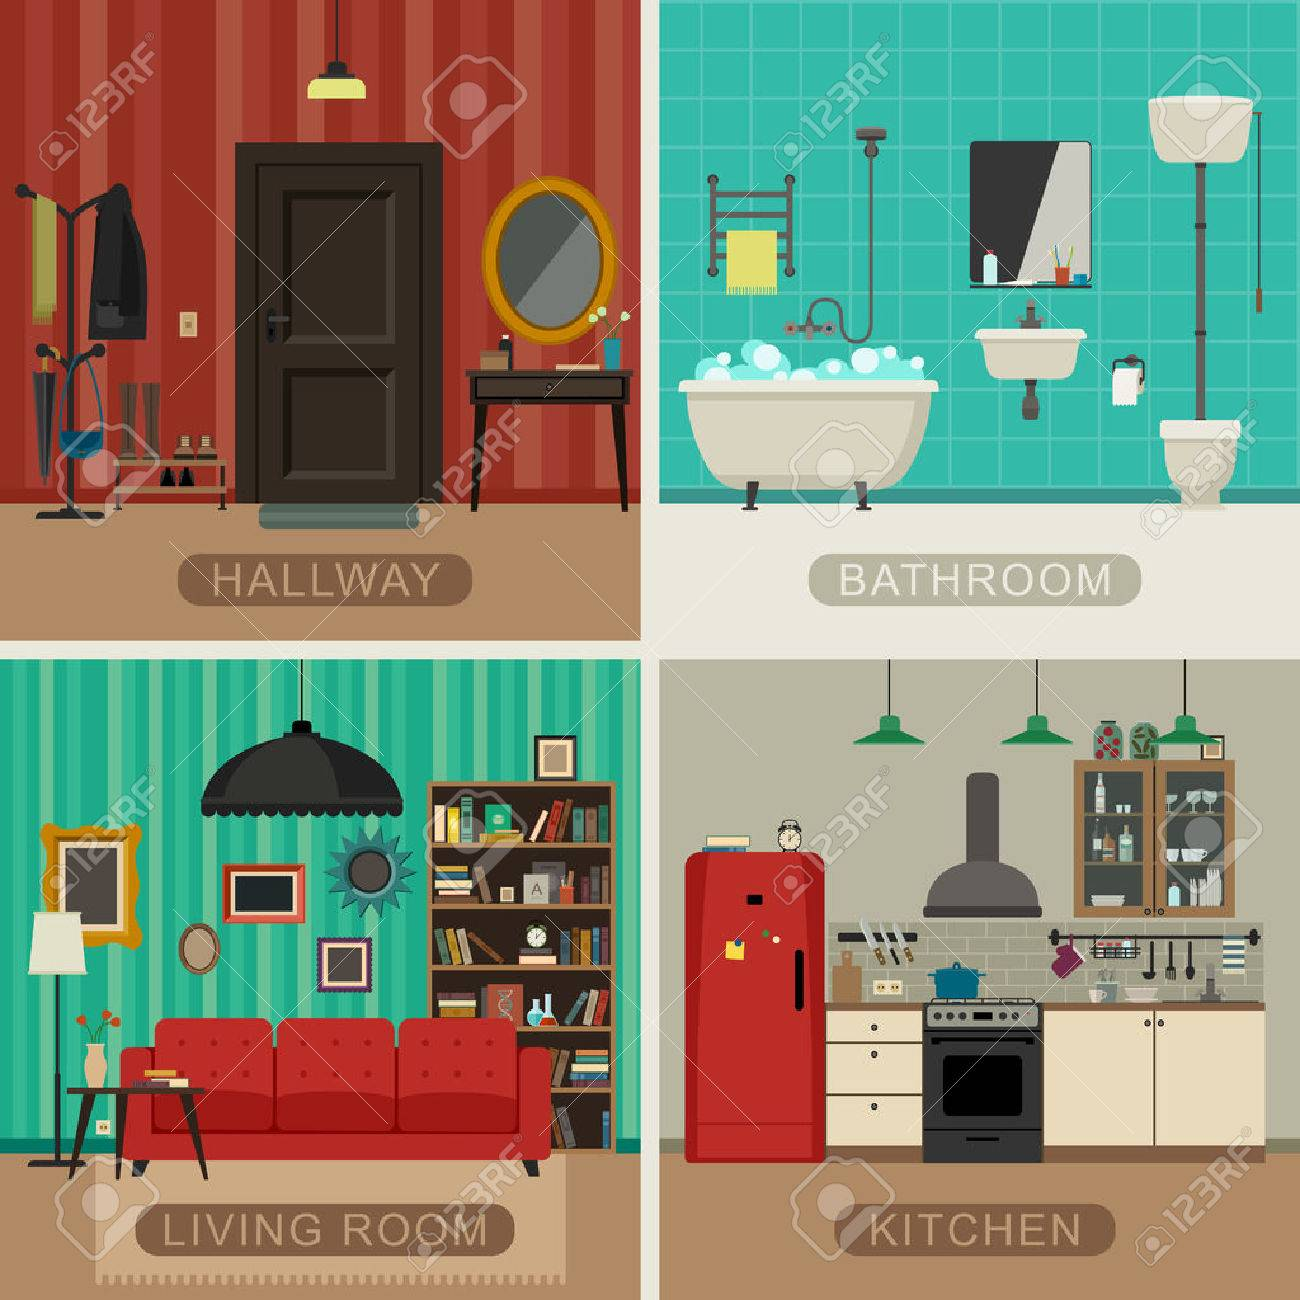 Inters Aus Wohnzimmer, Küche, Bad Und Flur. Vector Flach Abbildungen ...